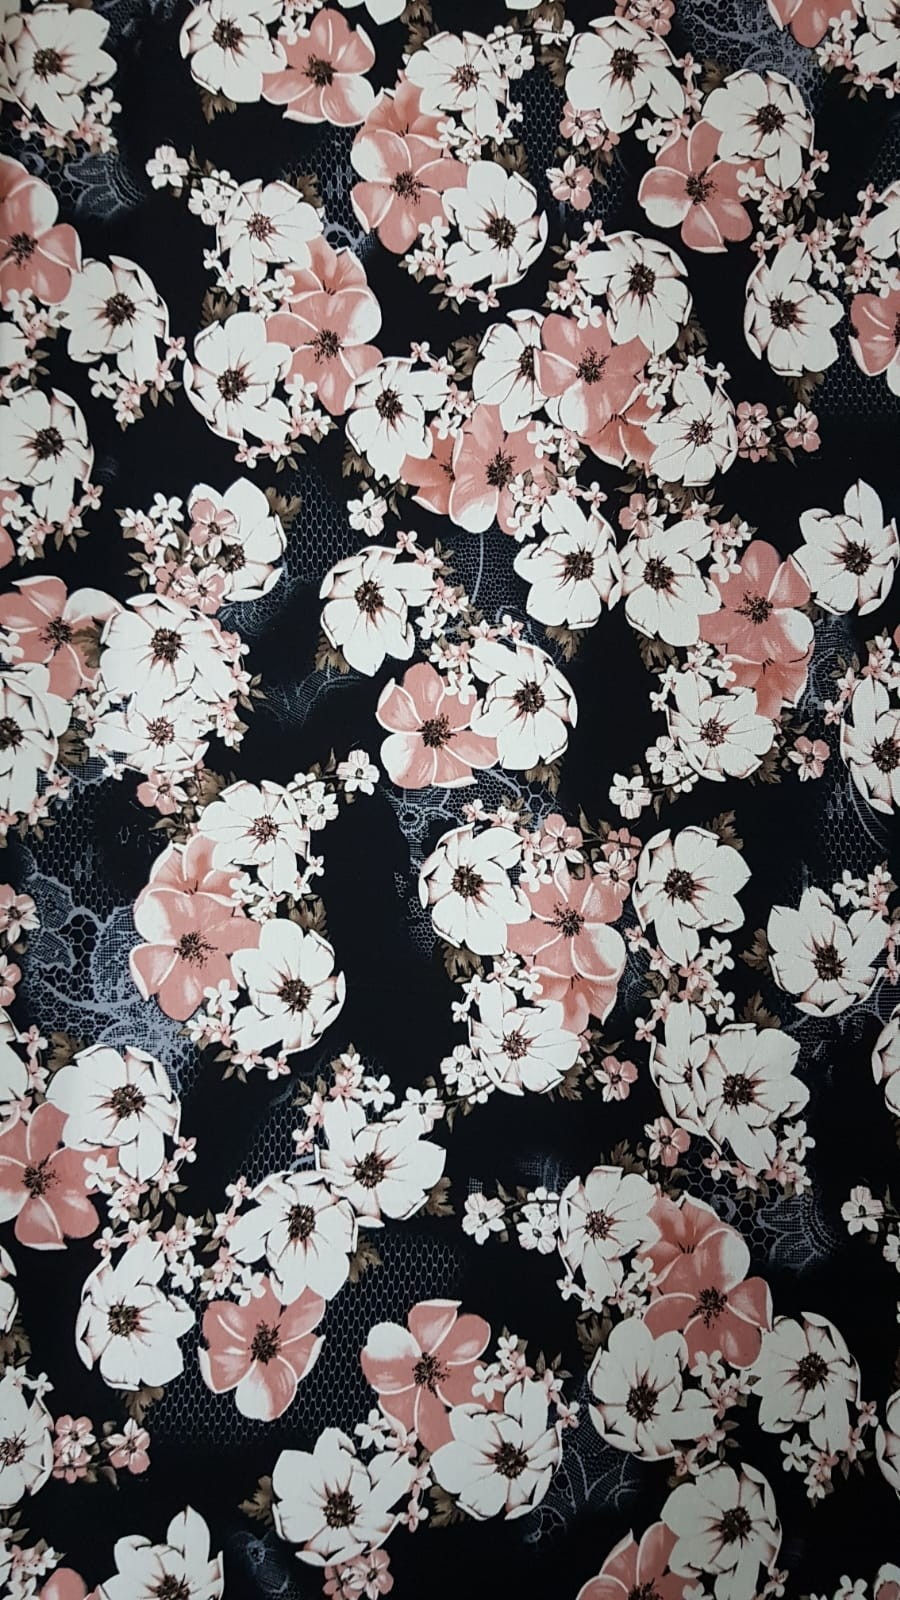 פרחים רקע שחור